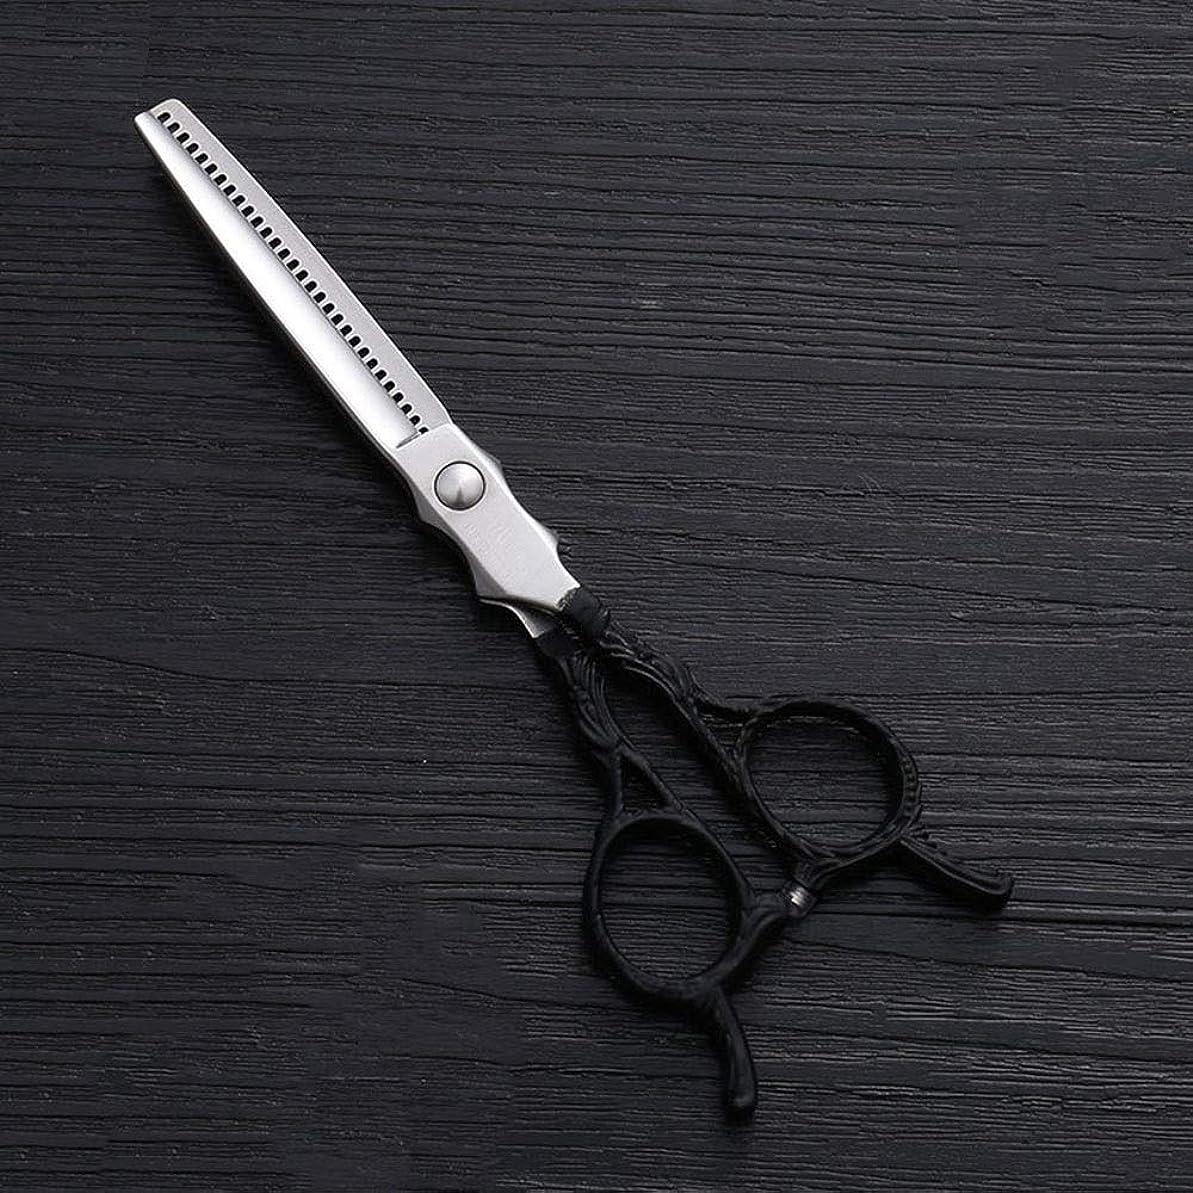 まともな洗剤ローン6インチの黒いハンドルのステンレス鋼の理髪はさみ、ヘアスタイリストの特別な毛の切断用具 モデリングツール (色 : 黒)